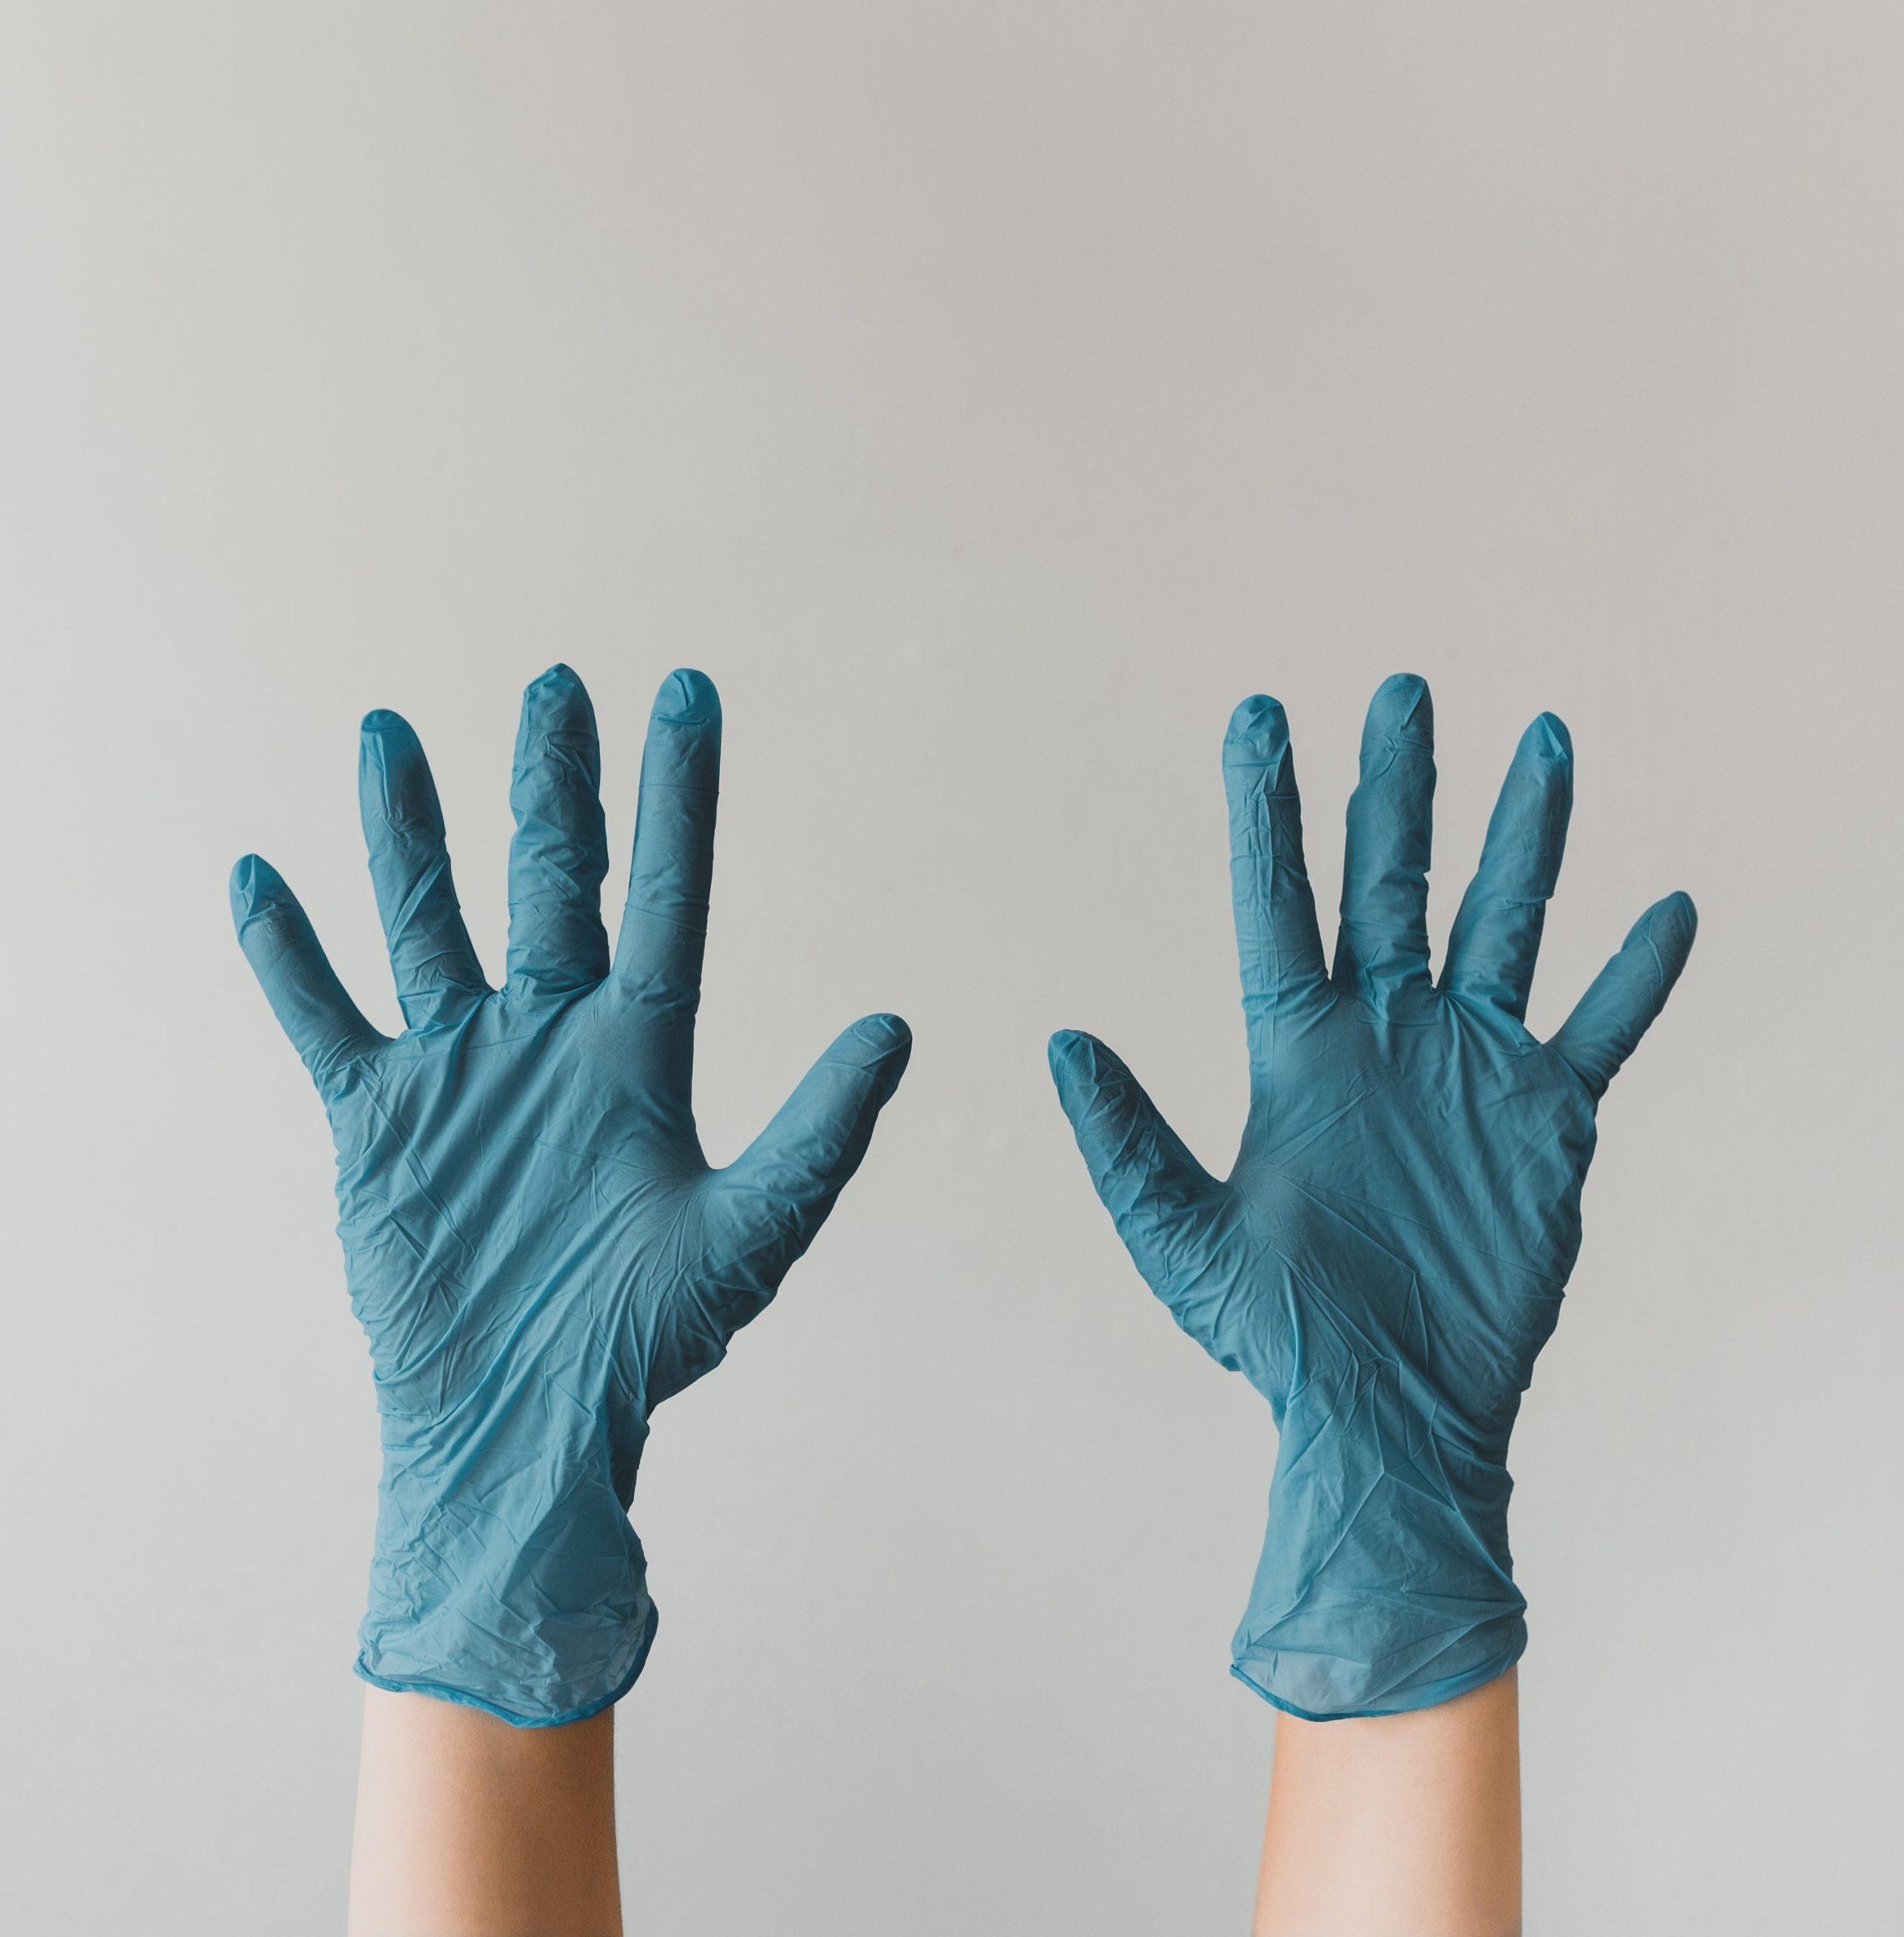 3 λάθη που πρέπει να αποφύγεις όταν χρησιμοποιείς γάντια μιας χρήσης